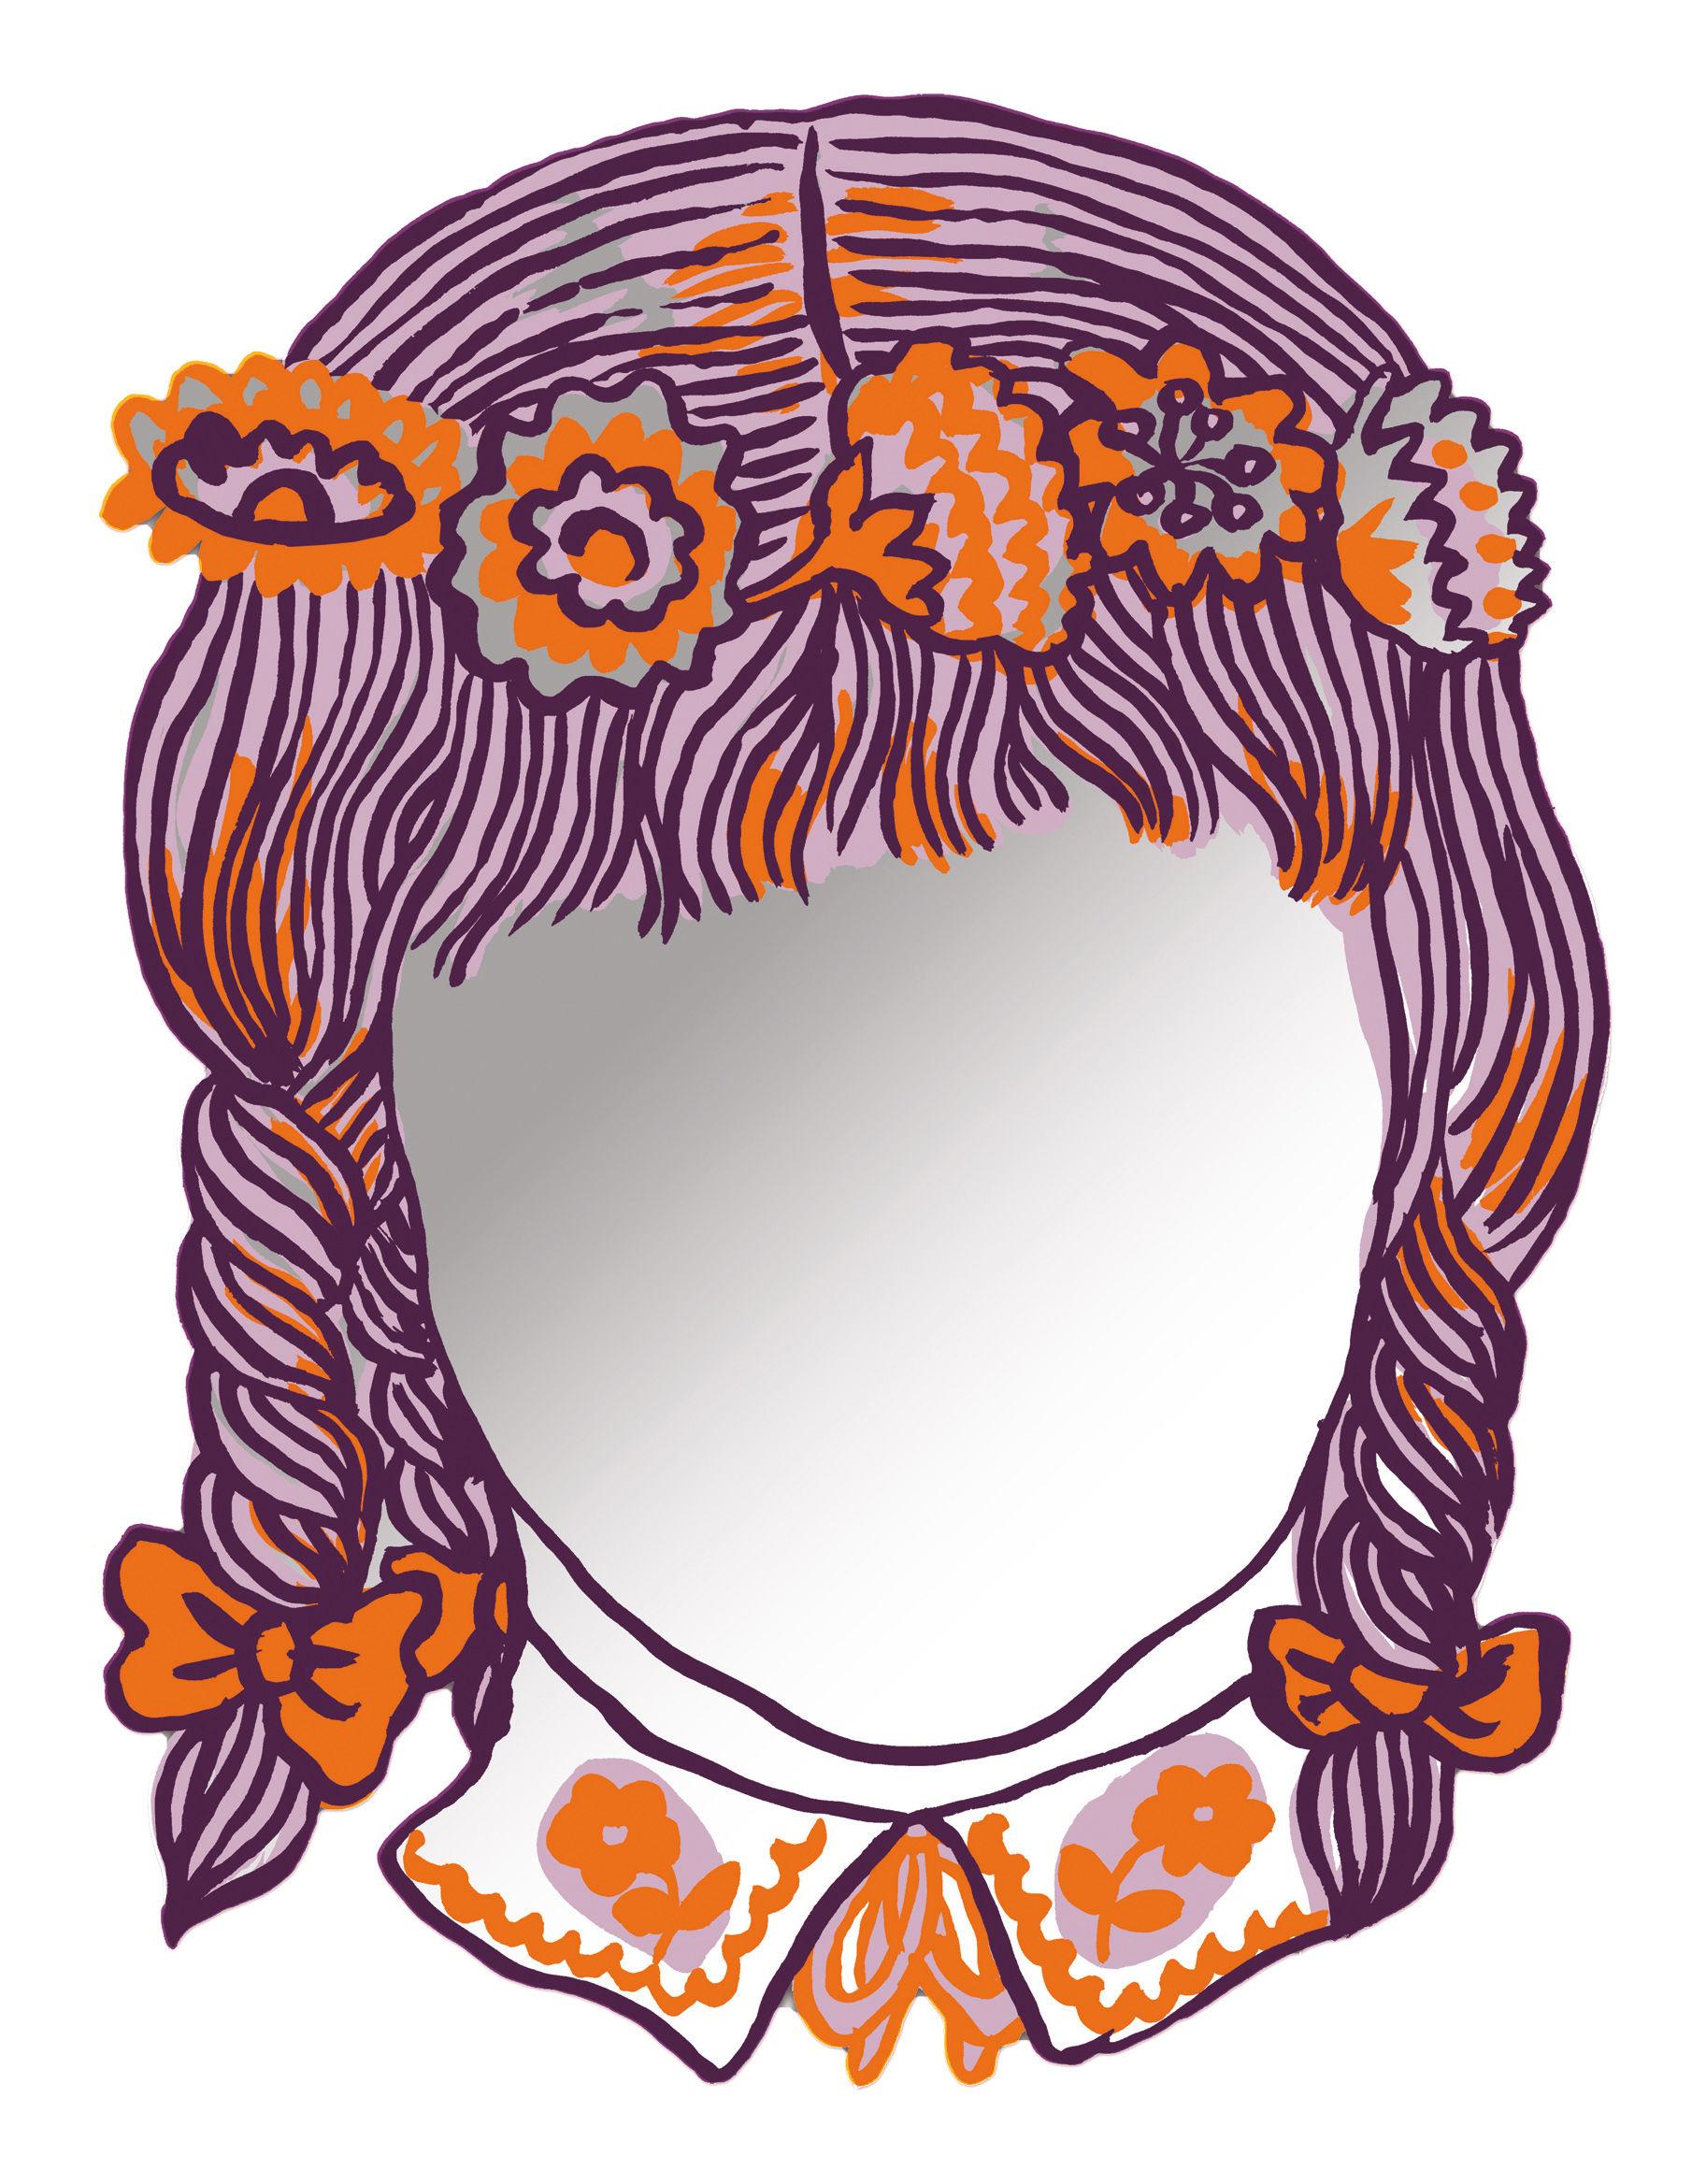 Arredamento - Specchi - Specchio autocollante Fille - adesivo di Domestic - Specchio - Ragazza - Plexiglas